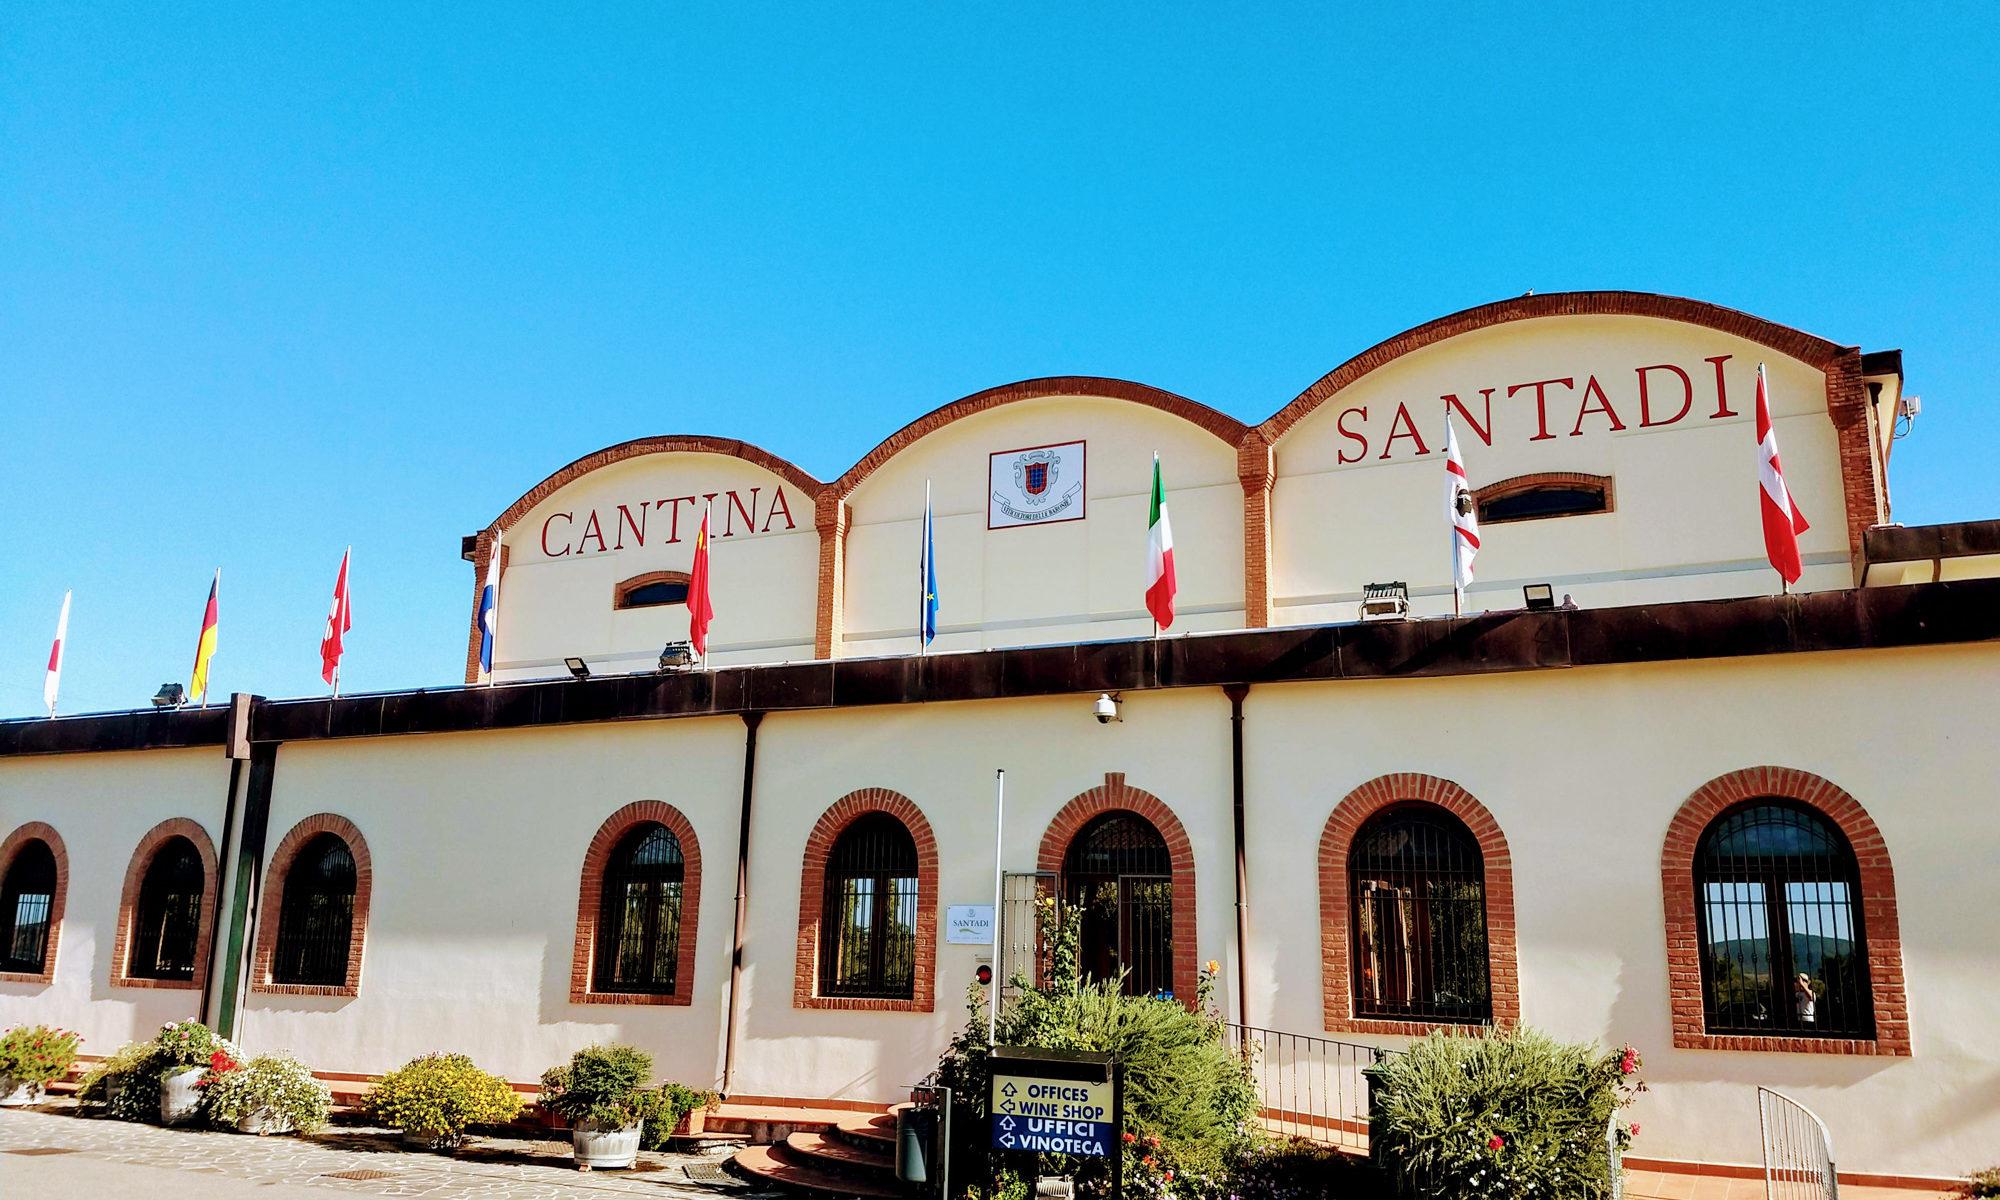 Das genossenschaftliche Weingut Cantina Santadi wirkt einladend und gut gepflegt.